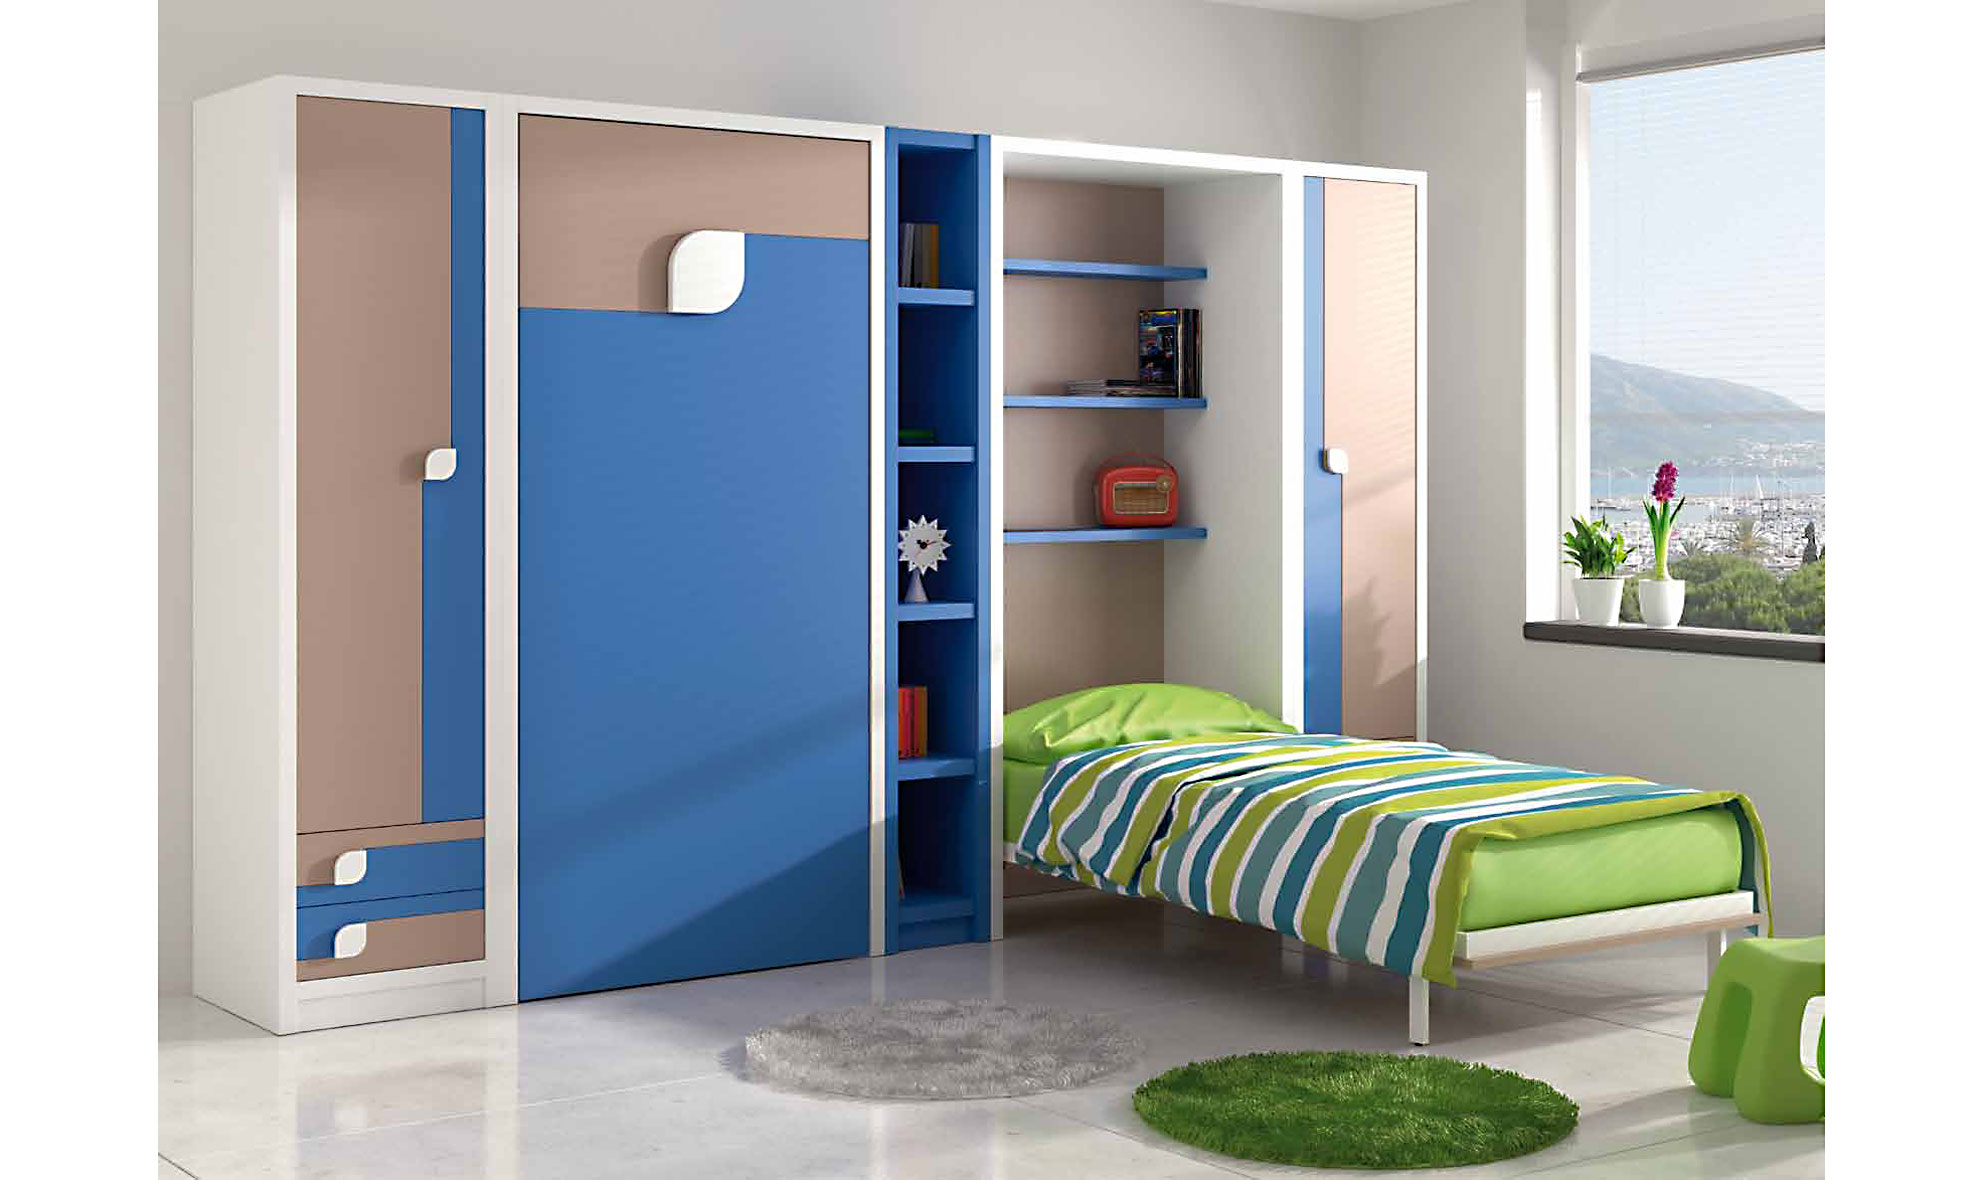 Dormitorio doble Janeiro en Portobellostreet.es